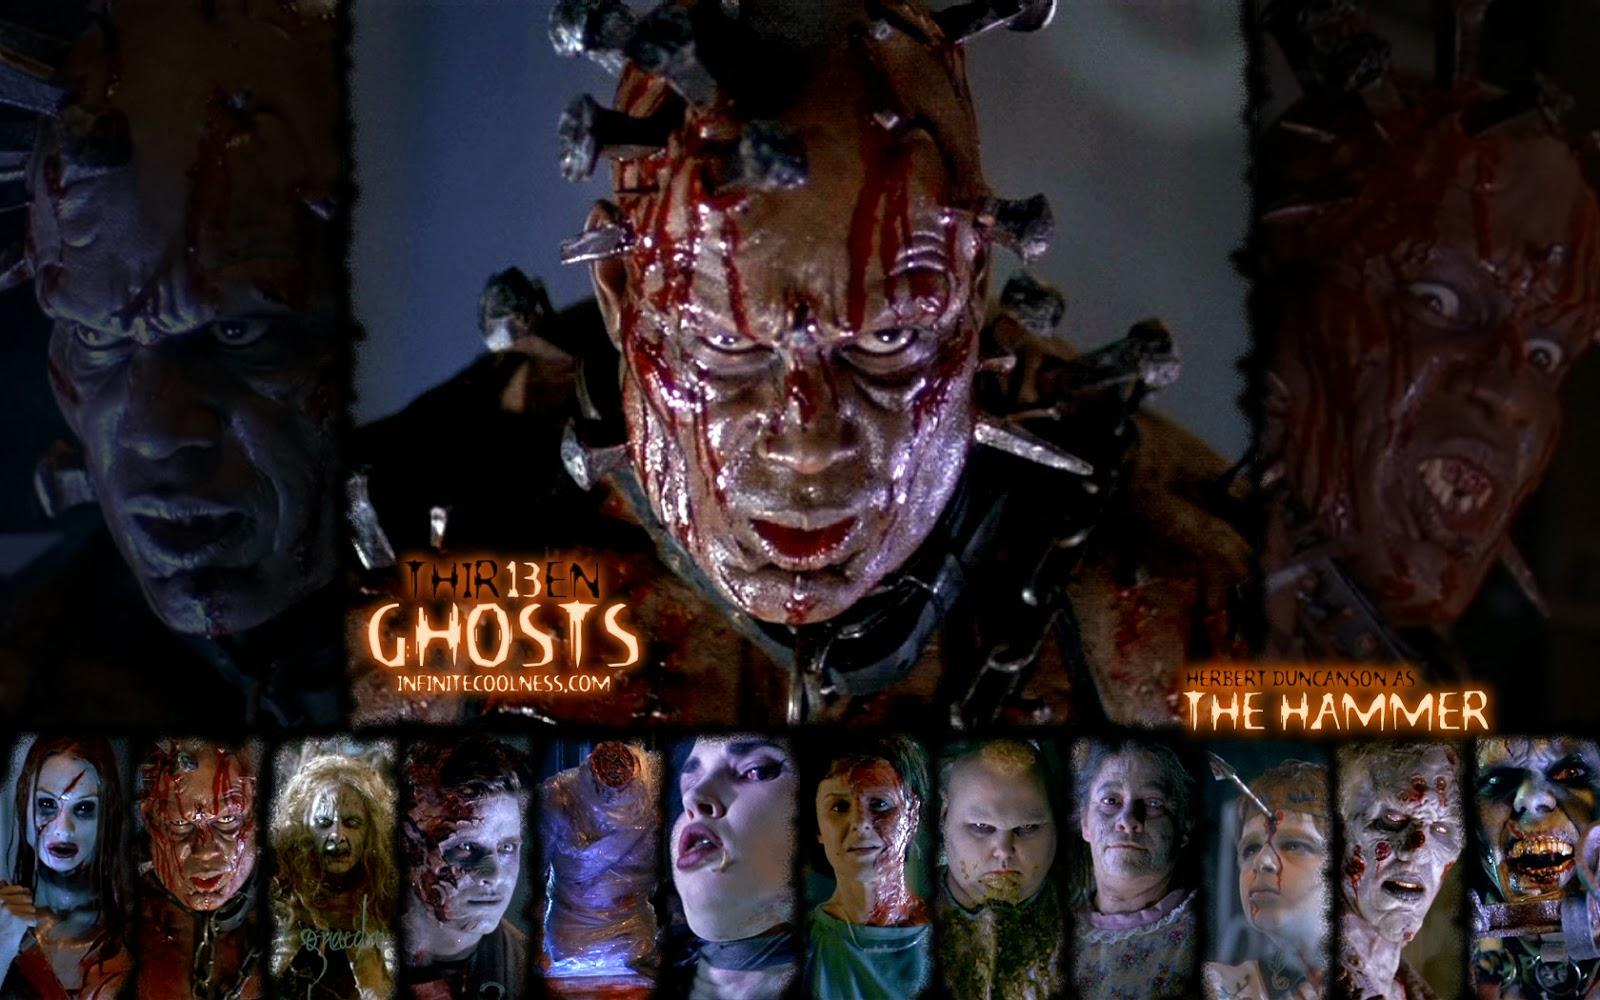 13 ghosts machine